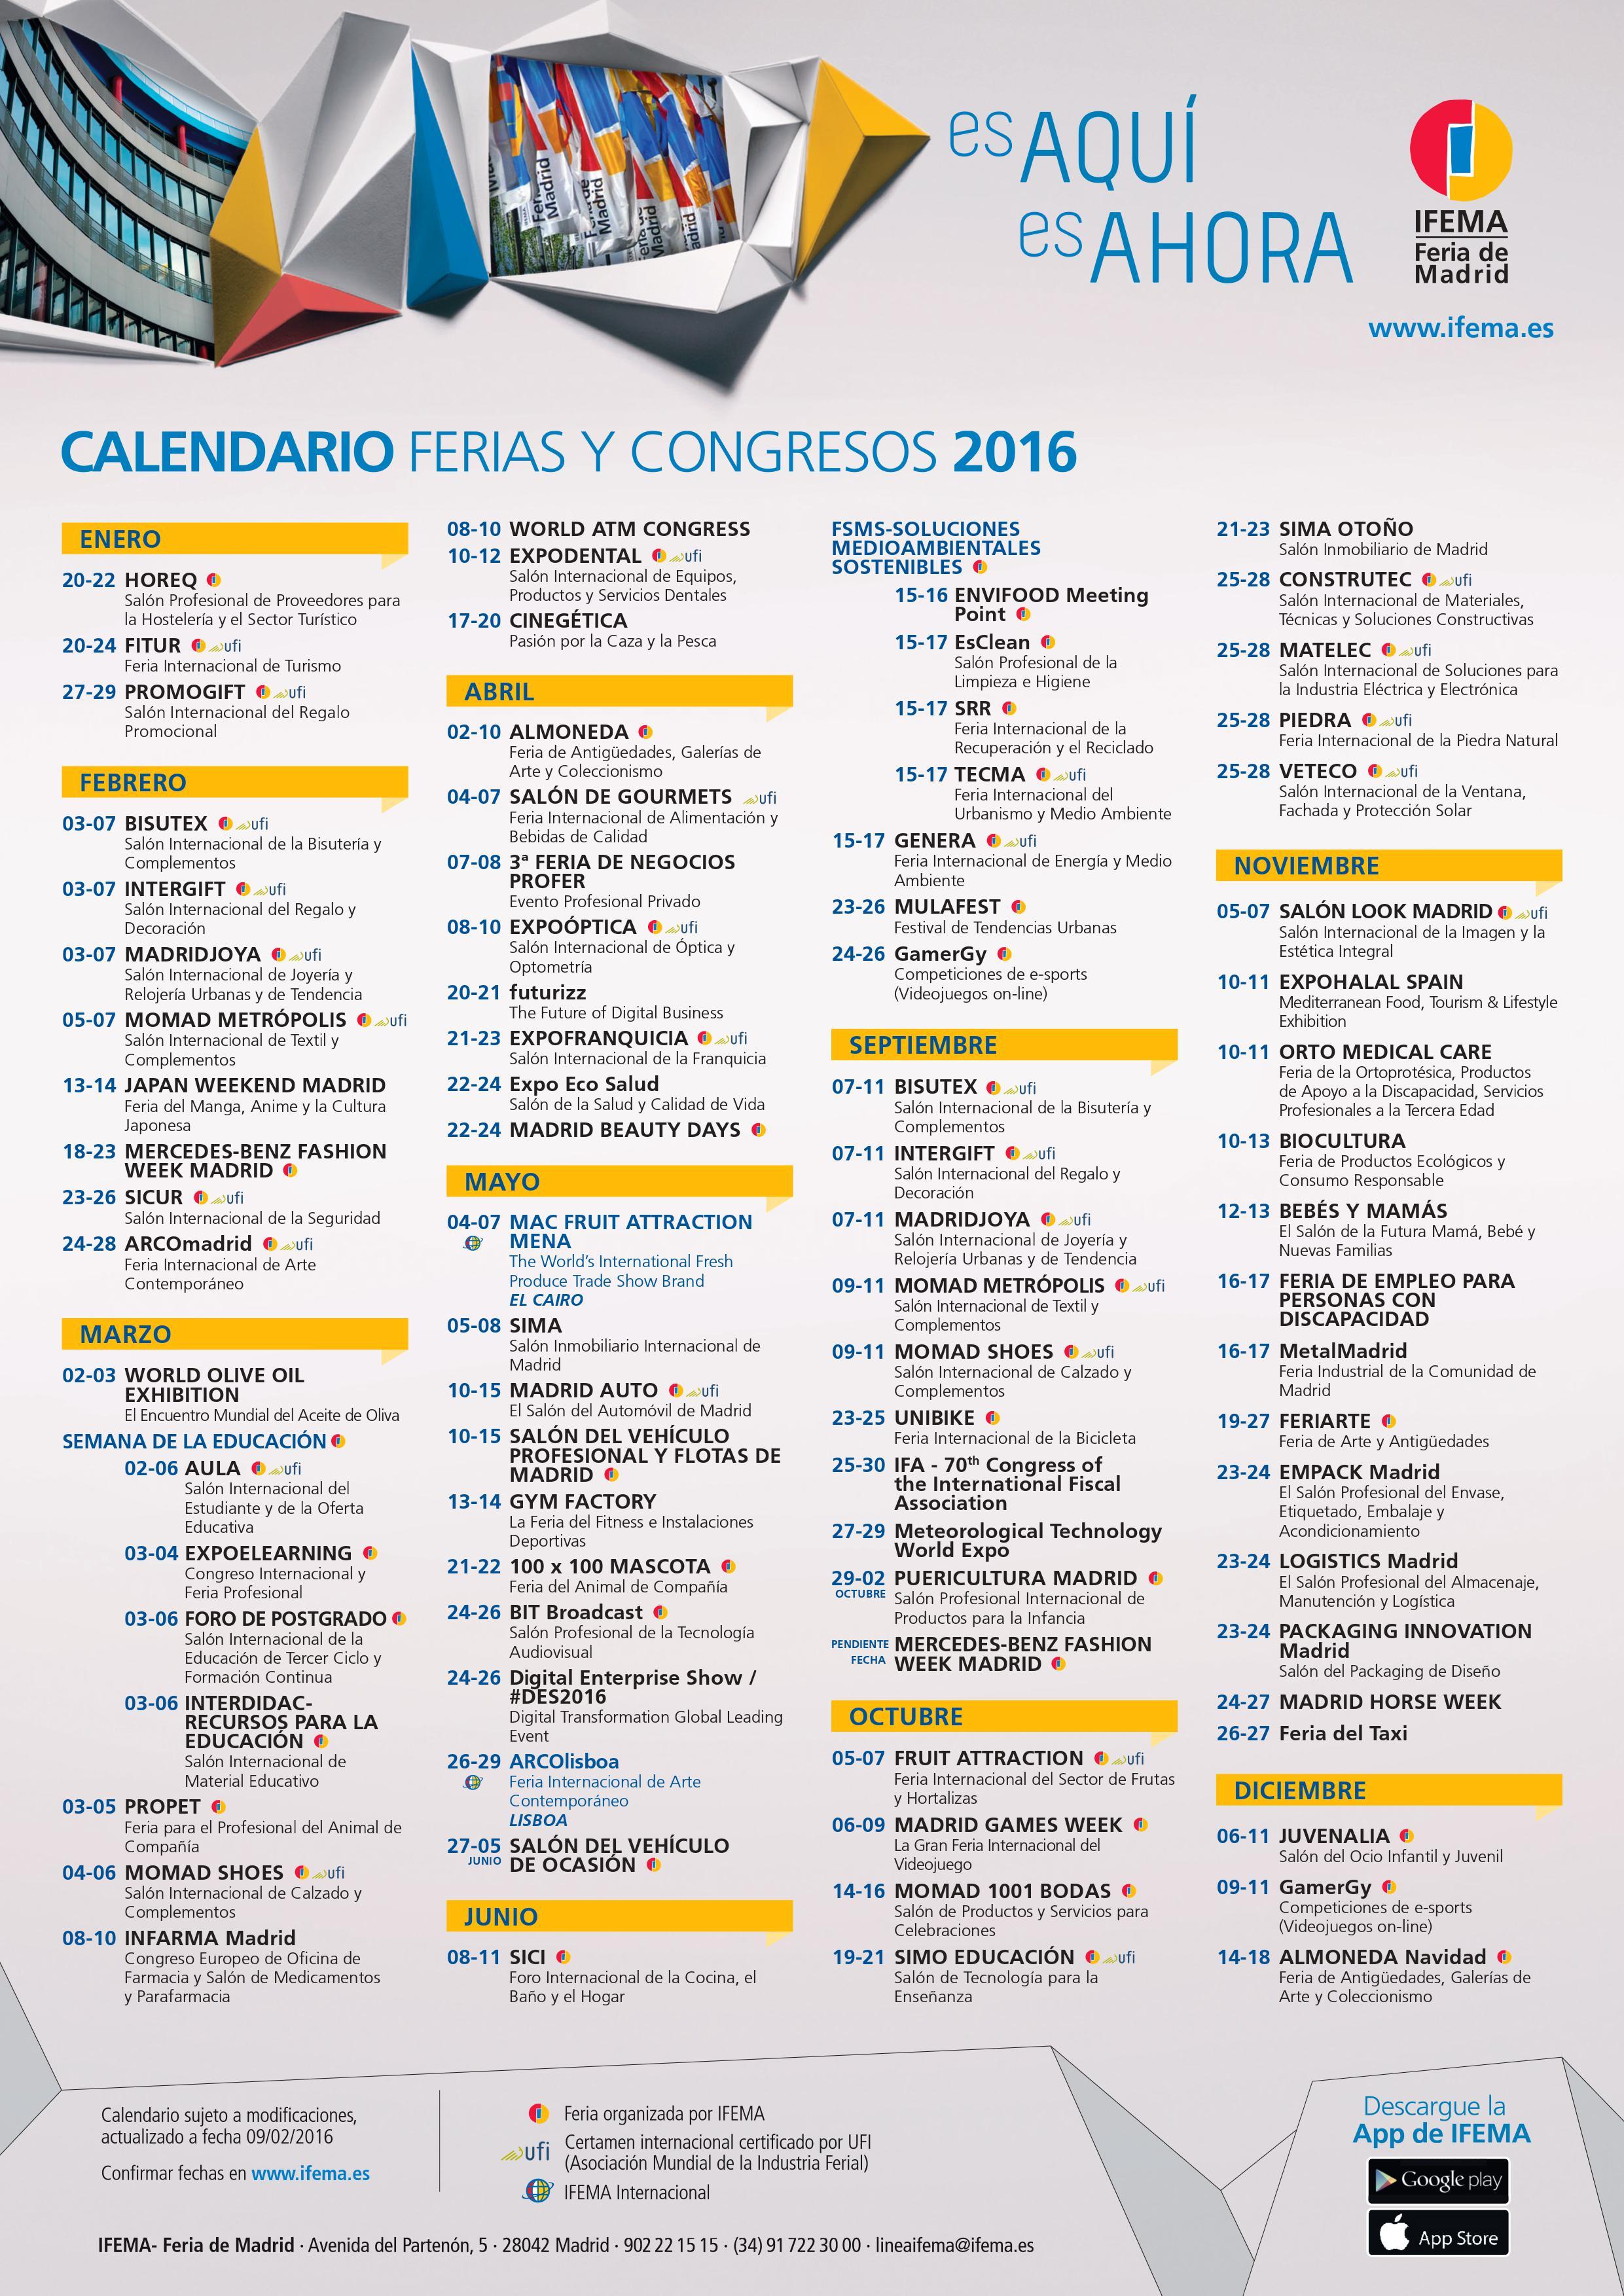 Calendario IFEMA 2016